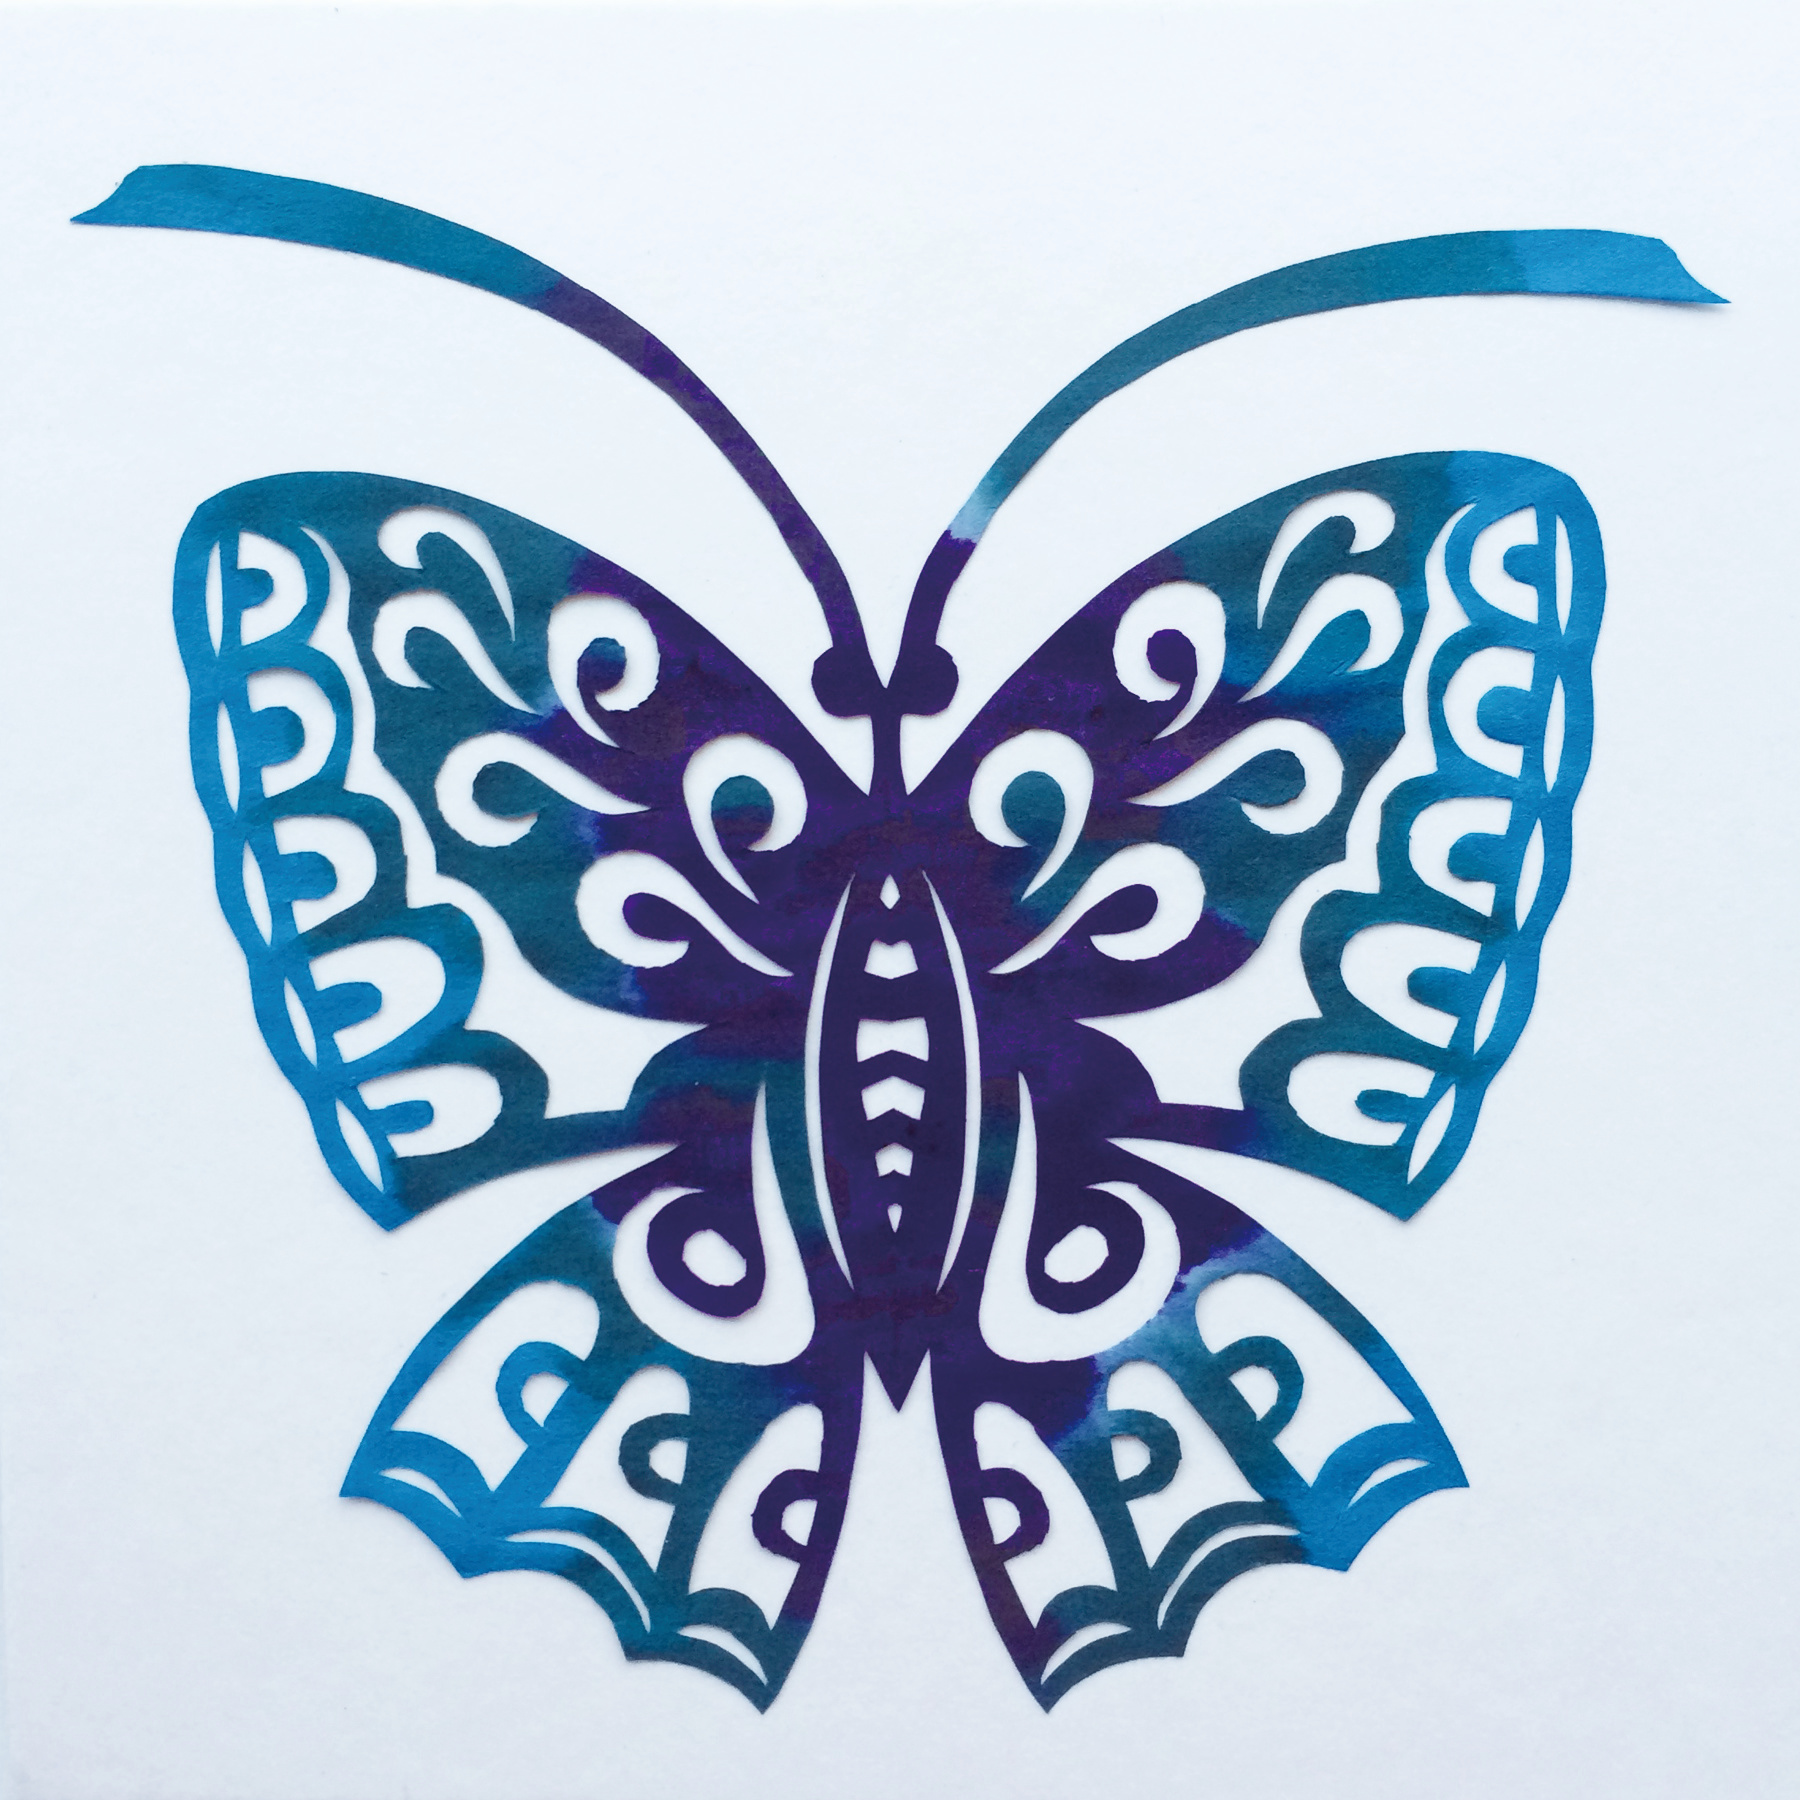 201703 Butterfly 14